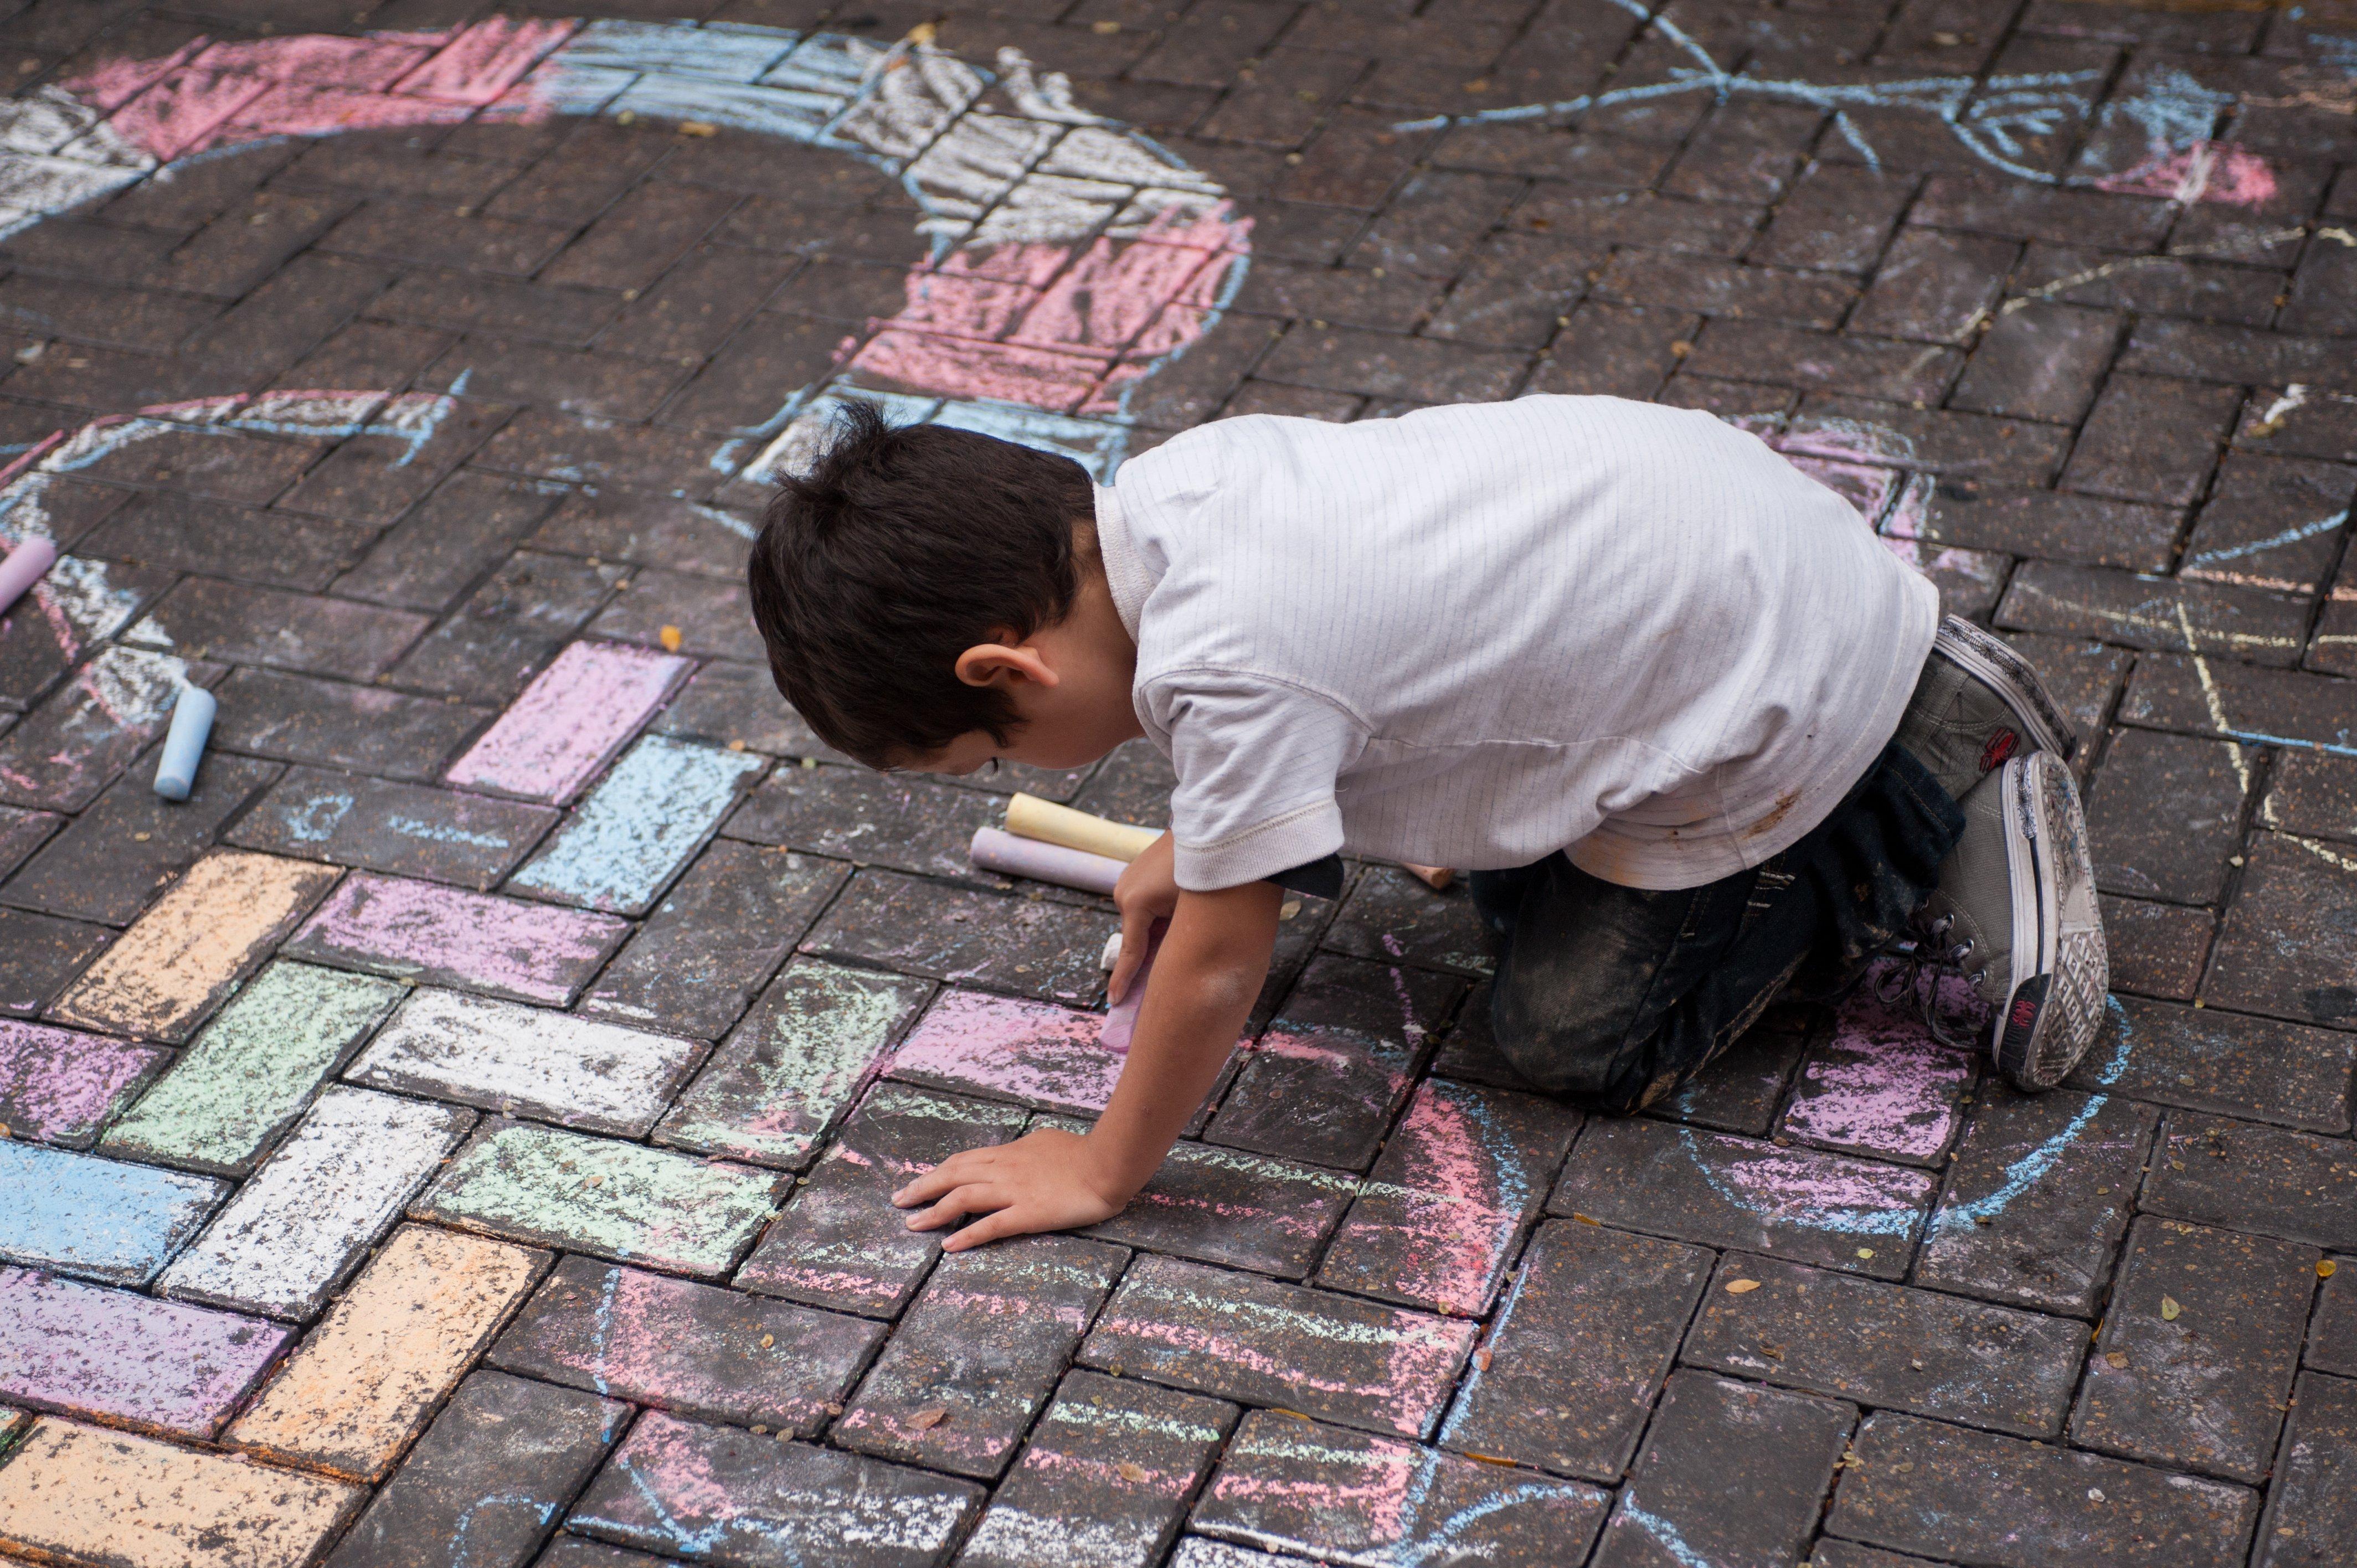 Chalk It Up 187 Artpace